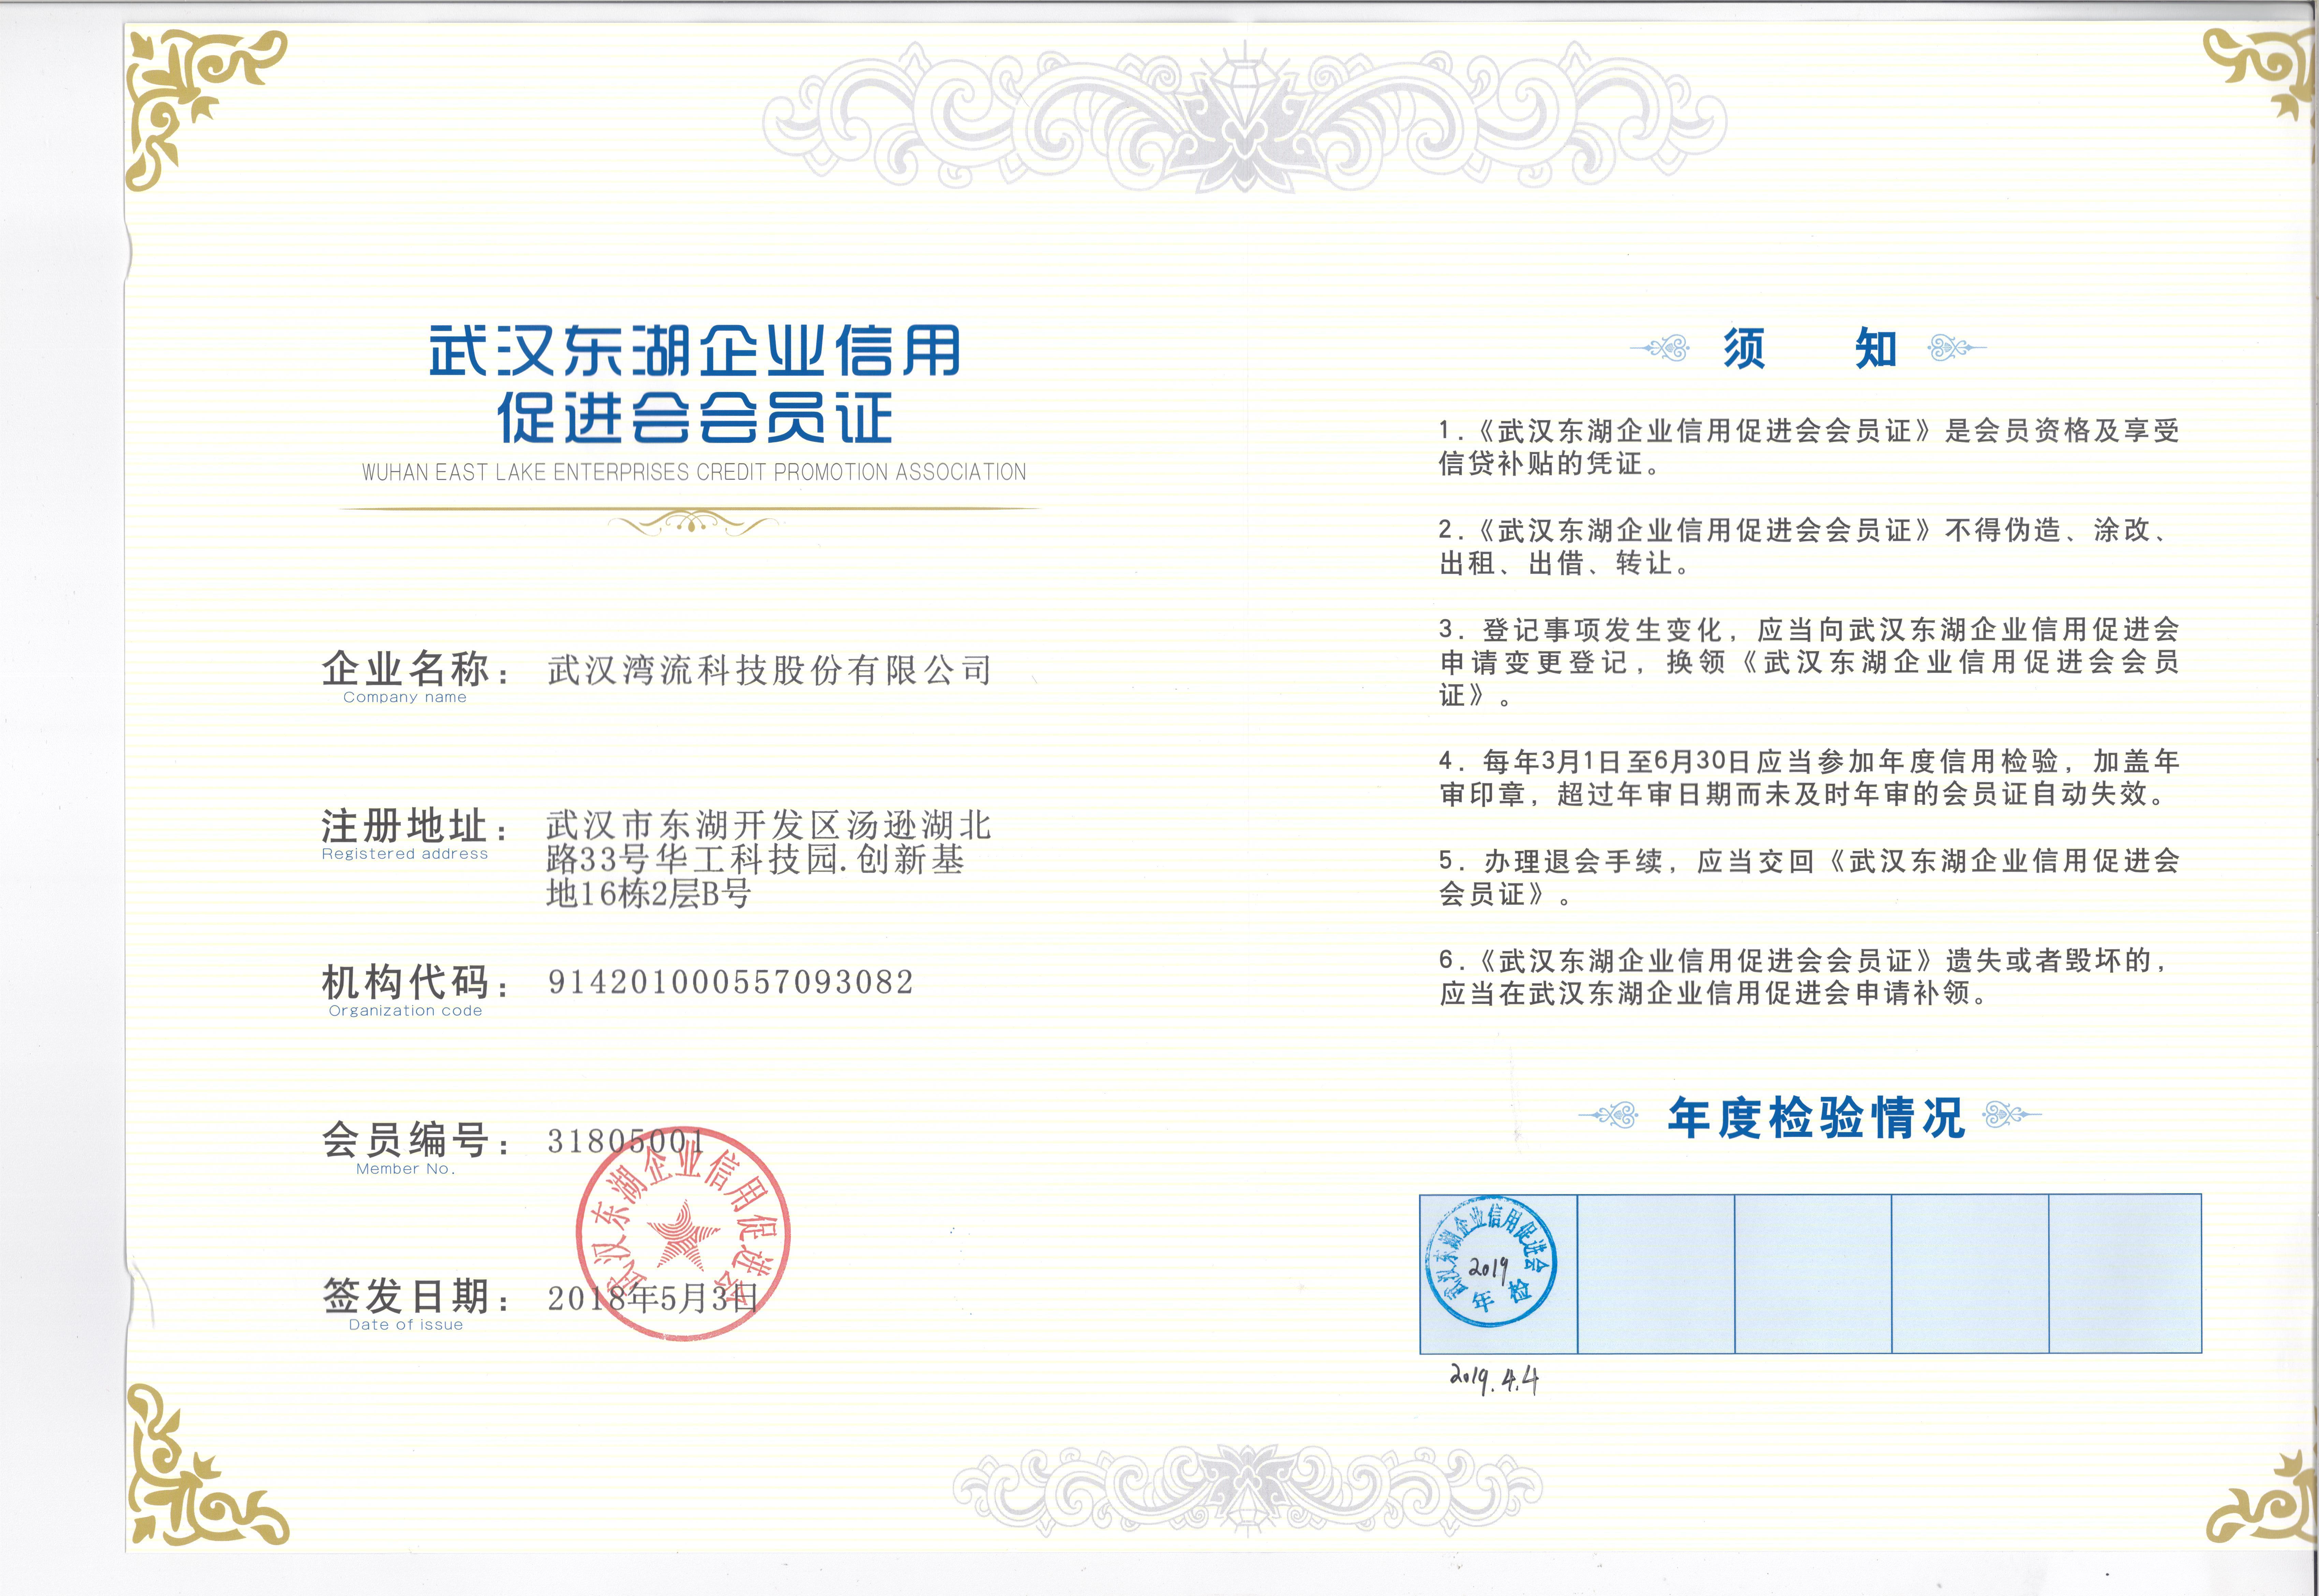 武漢東湖企業信用促進會會員證